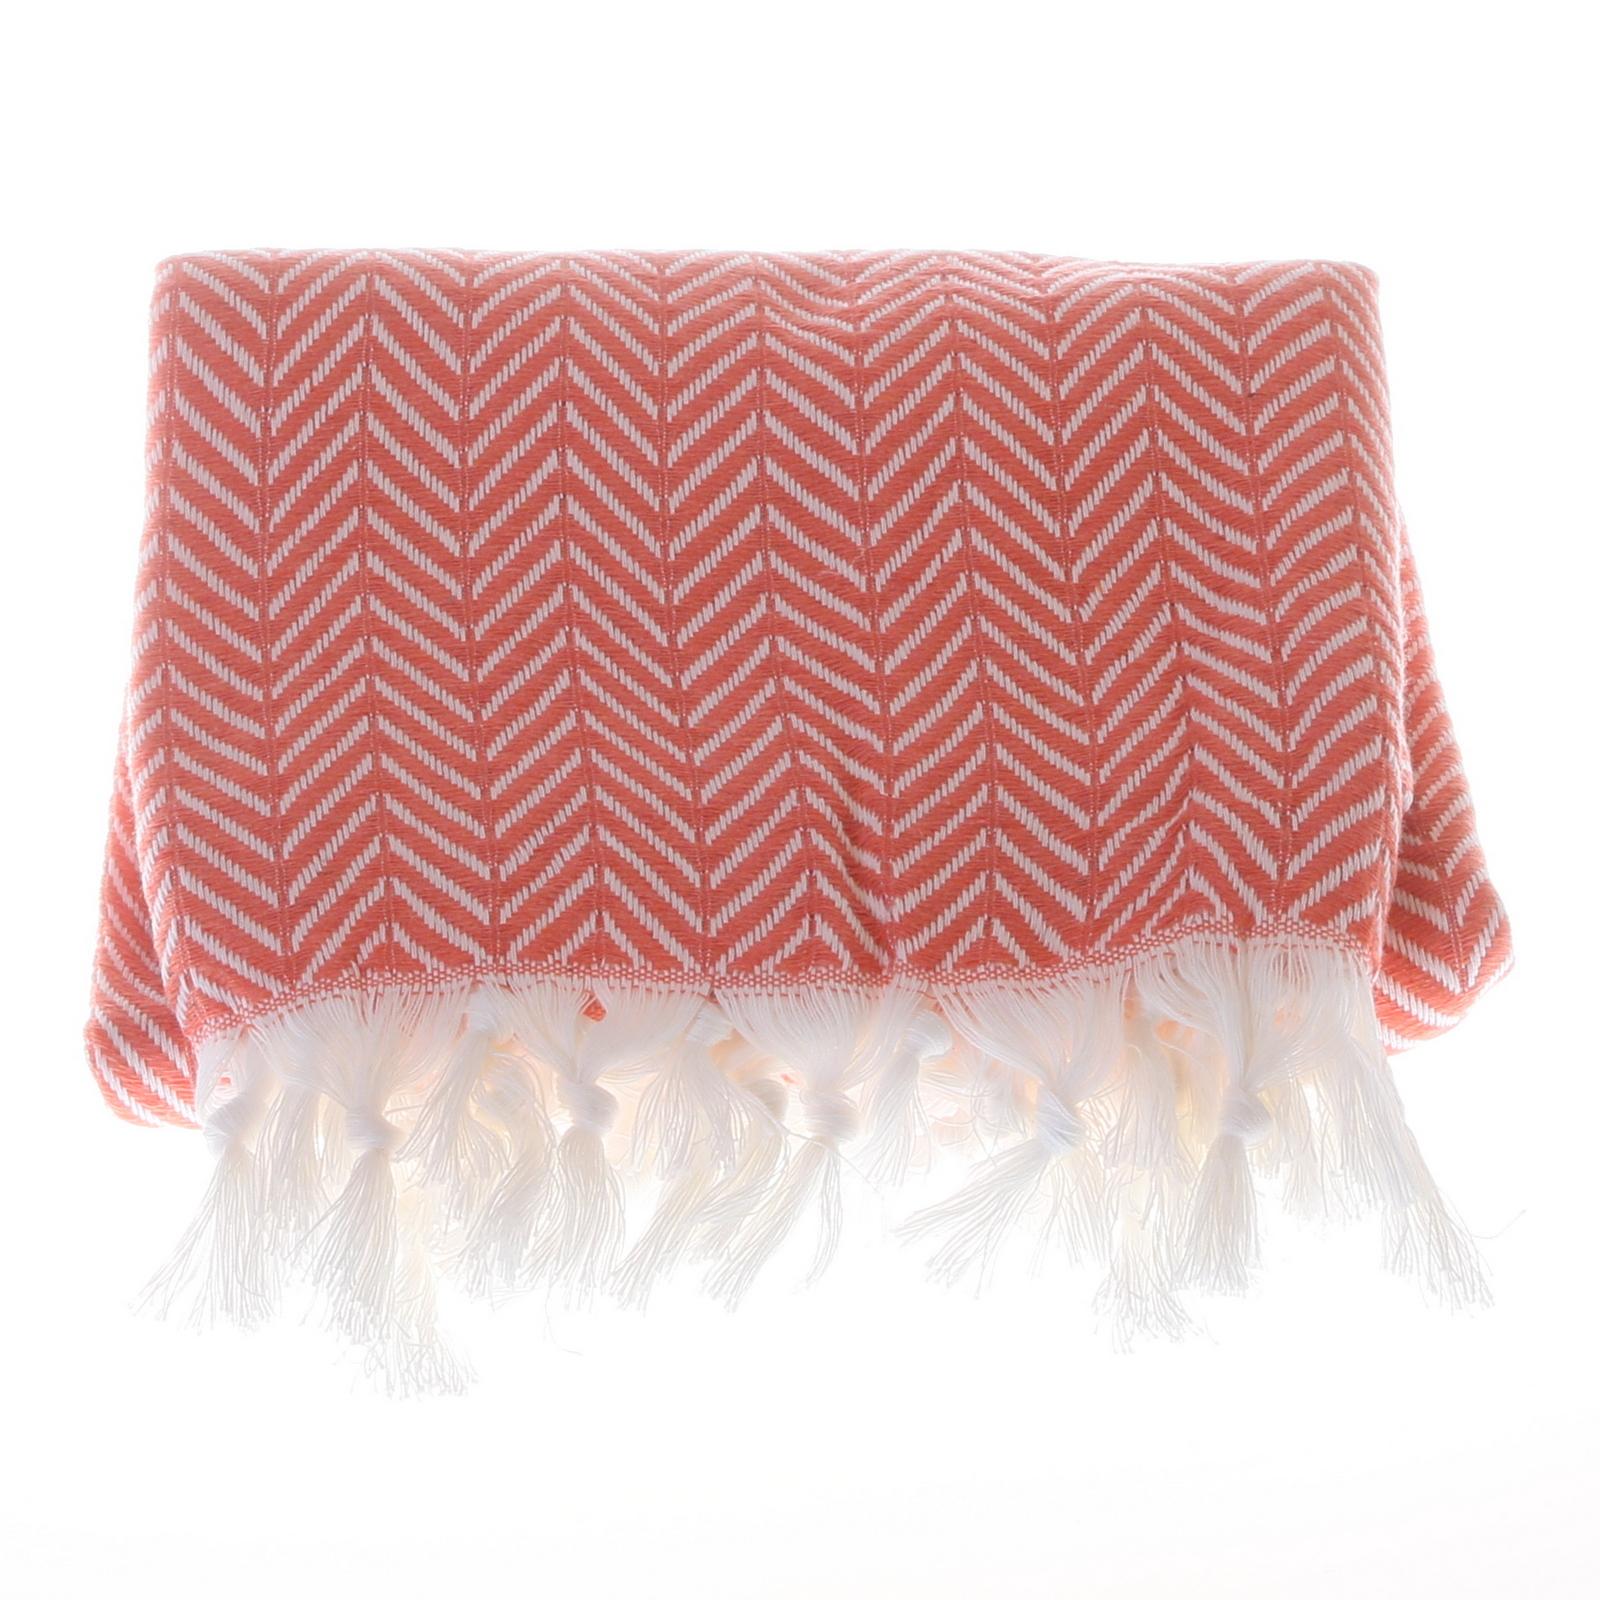 Big zigzag pattern cotton hammam towel - Orange